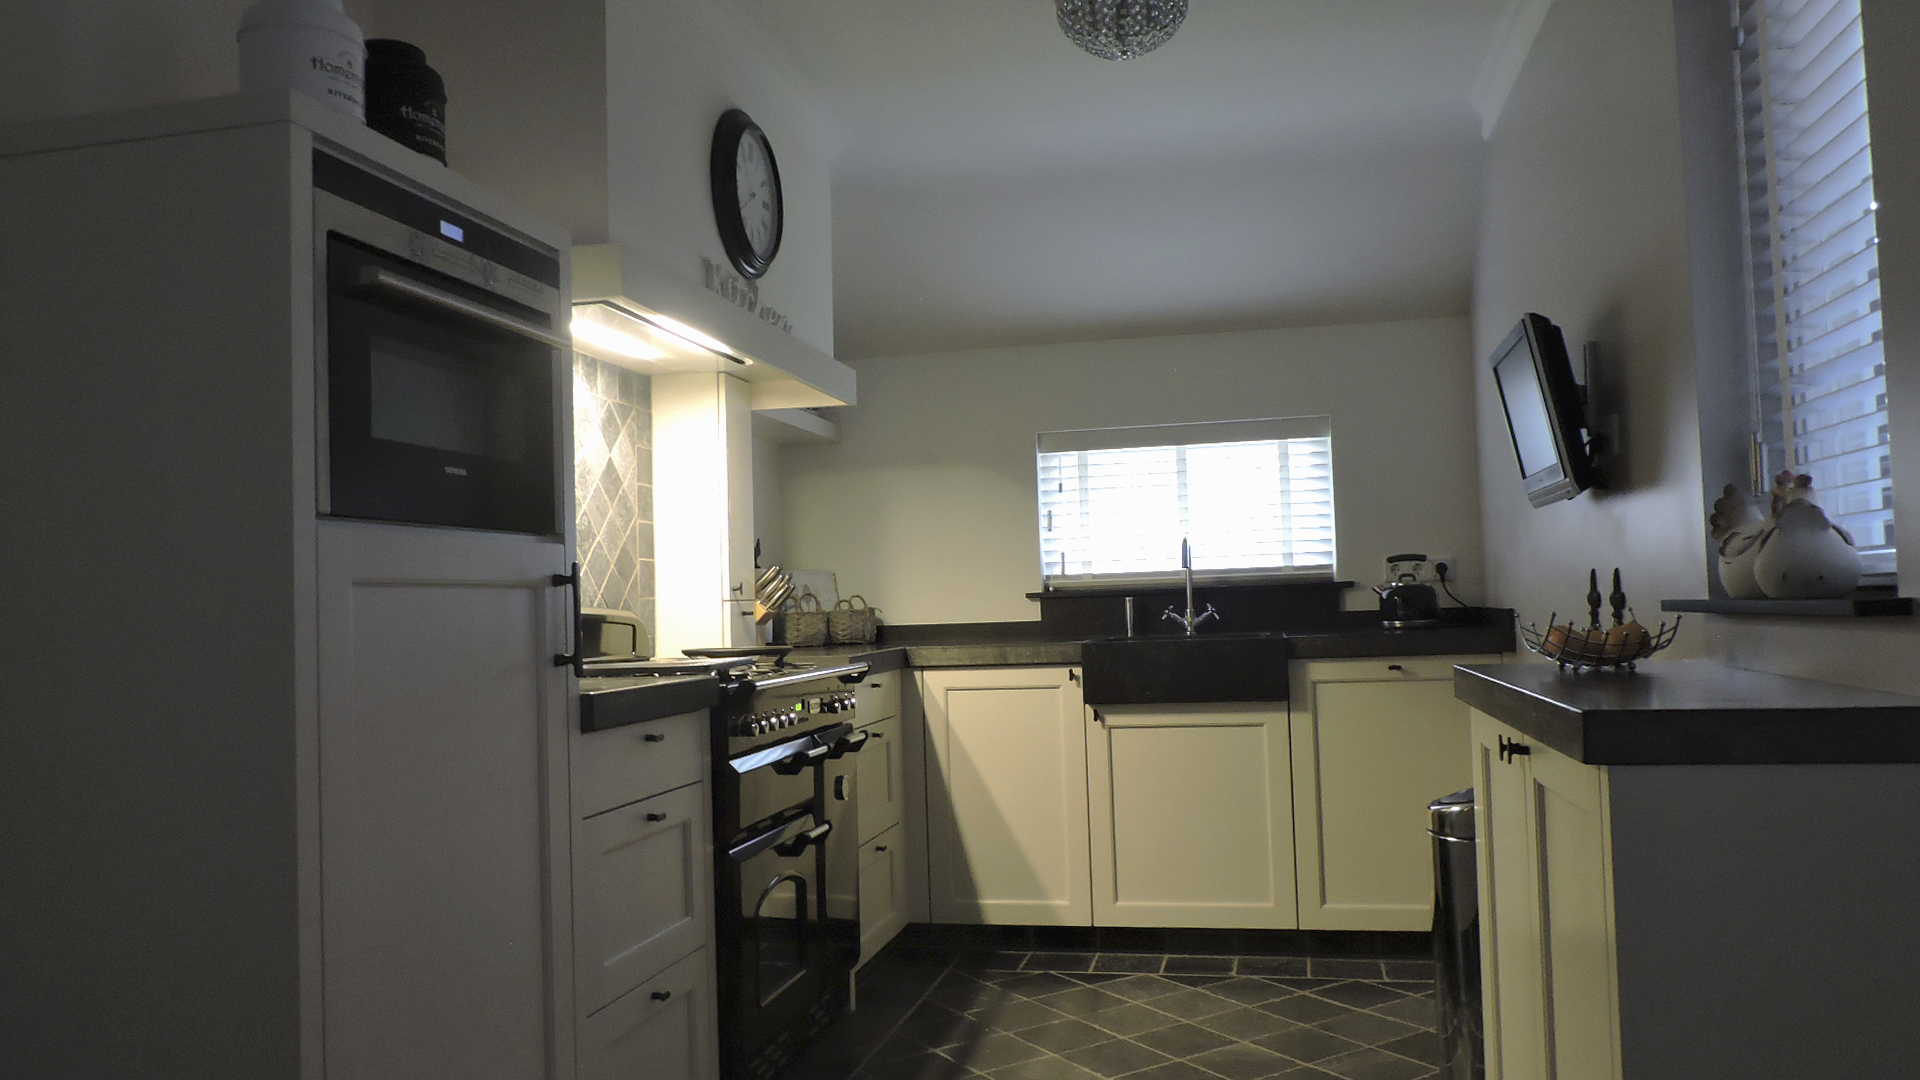 keuken modern wit hout ~ inspiratie het beste interieur, Deco ideeën